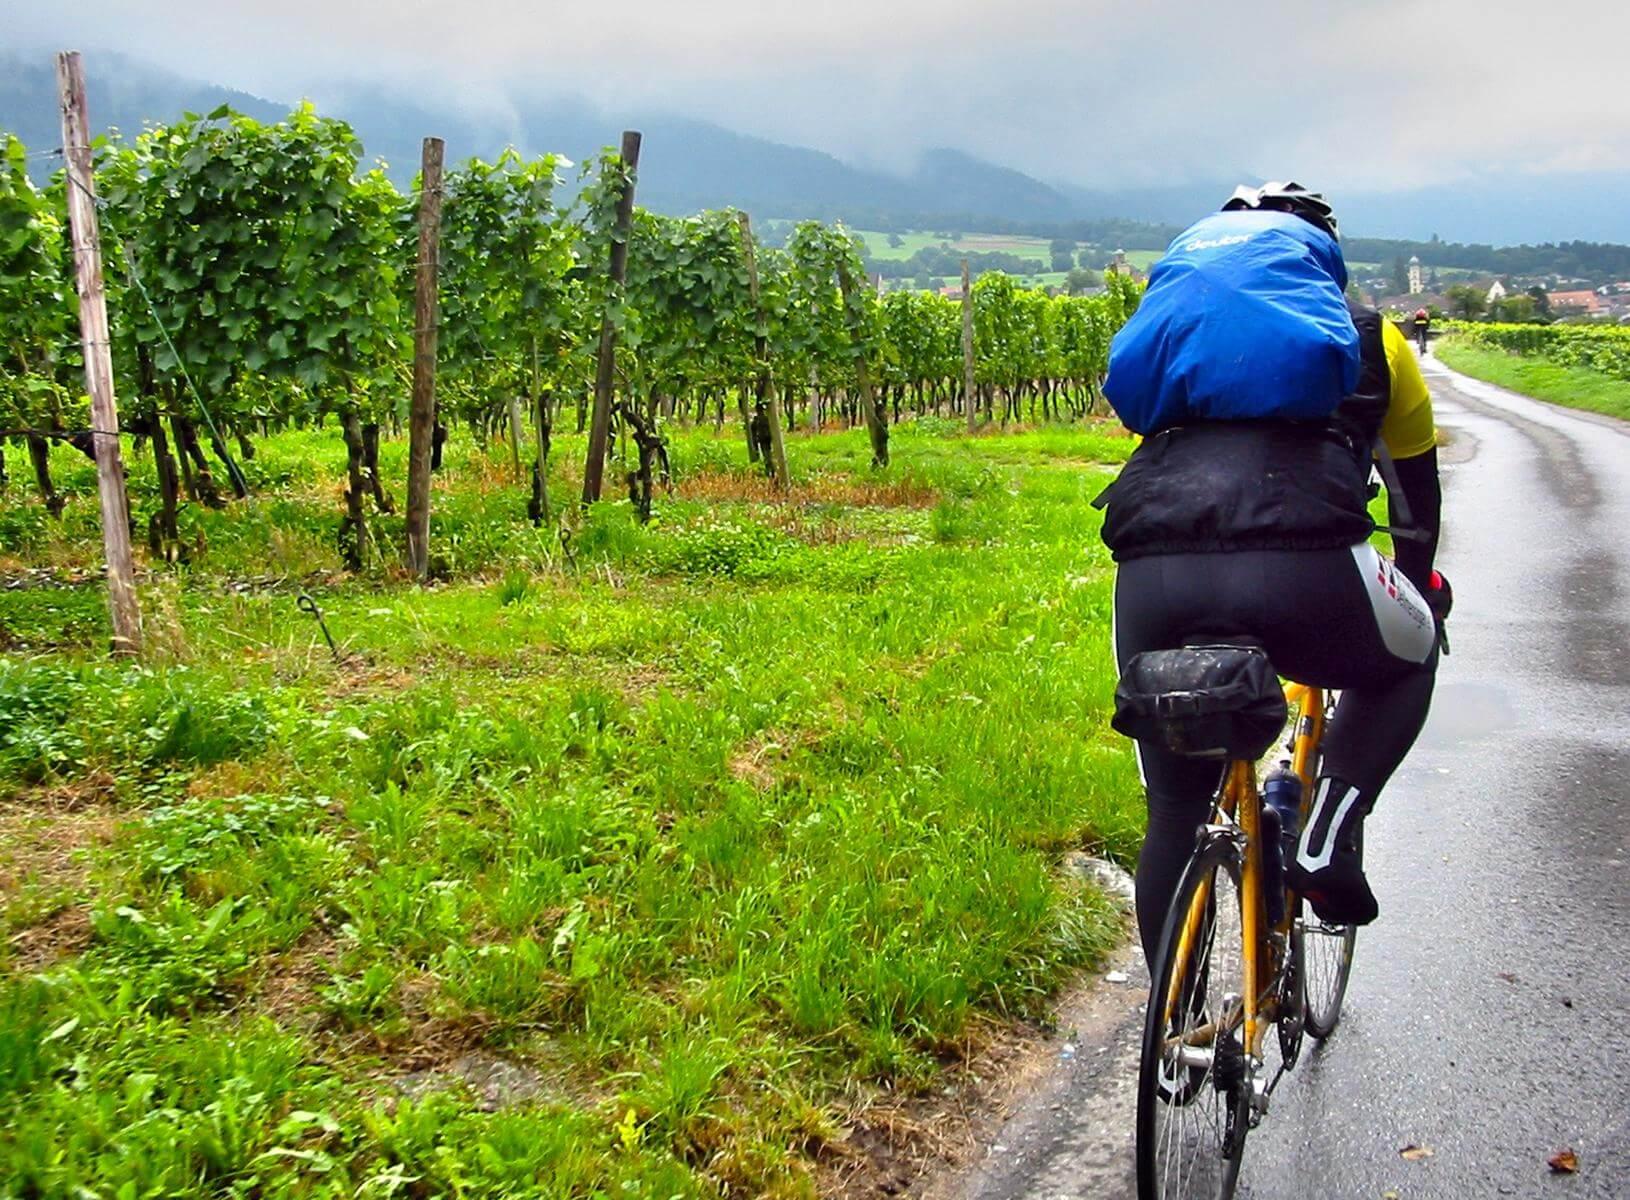 Fahrradfahrer mit seinem Rucksack auf dem Rücken